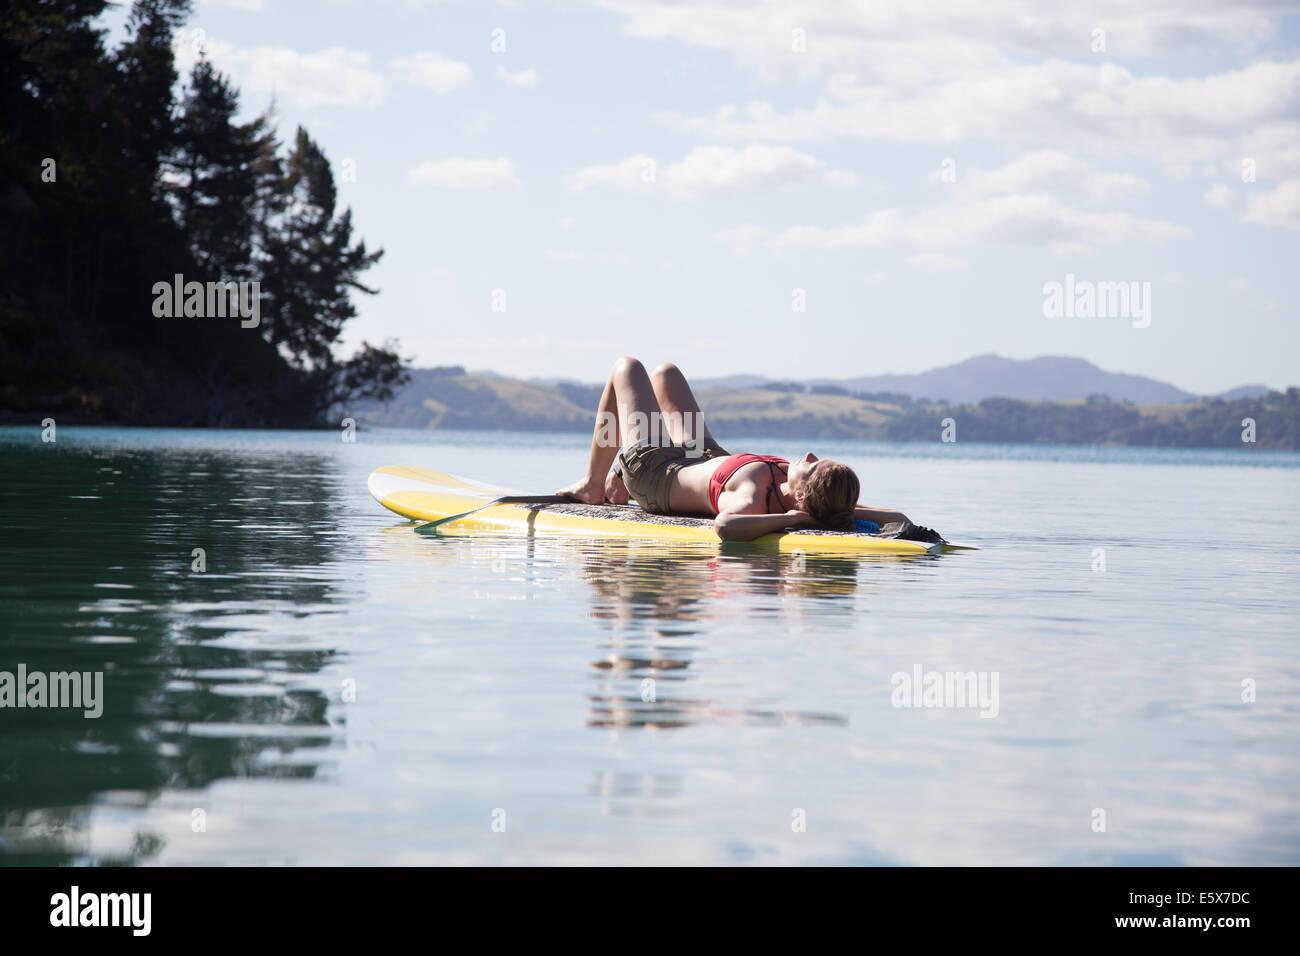 Metà donna adulta prendendo il sole sulla paddleboard in mare Immagini Stock